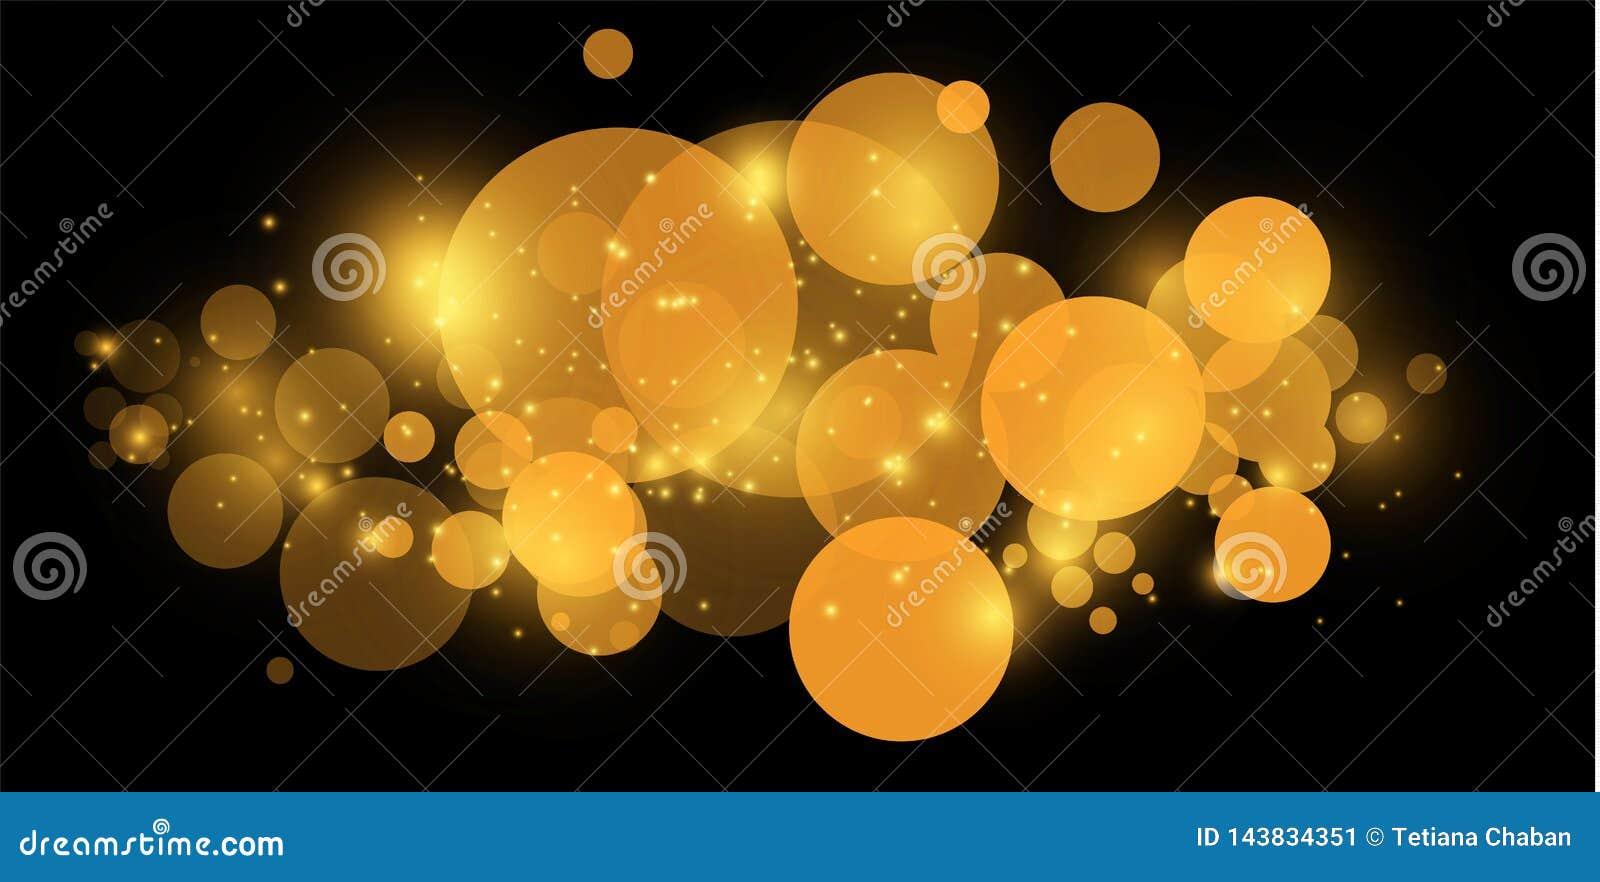 Gelbes bokeh Die Zusammenfassung von Kreislicht bokeh Hintergrund Goldener Leuchte-Hintergrund Weihnachtslicht-Konzept Vektor